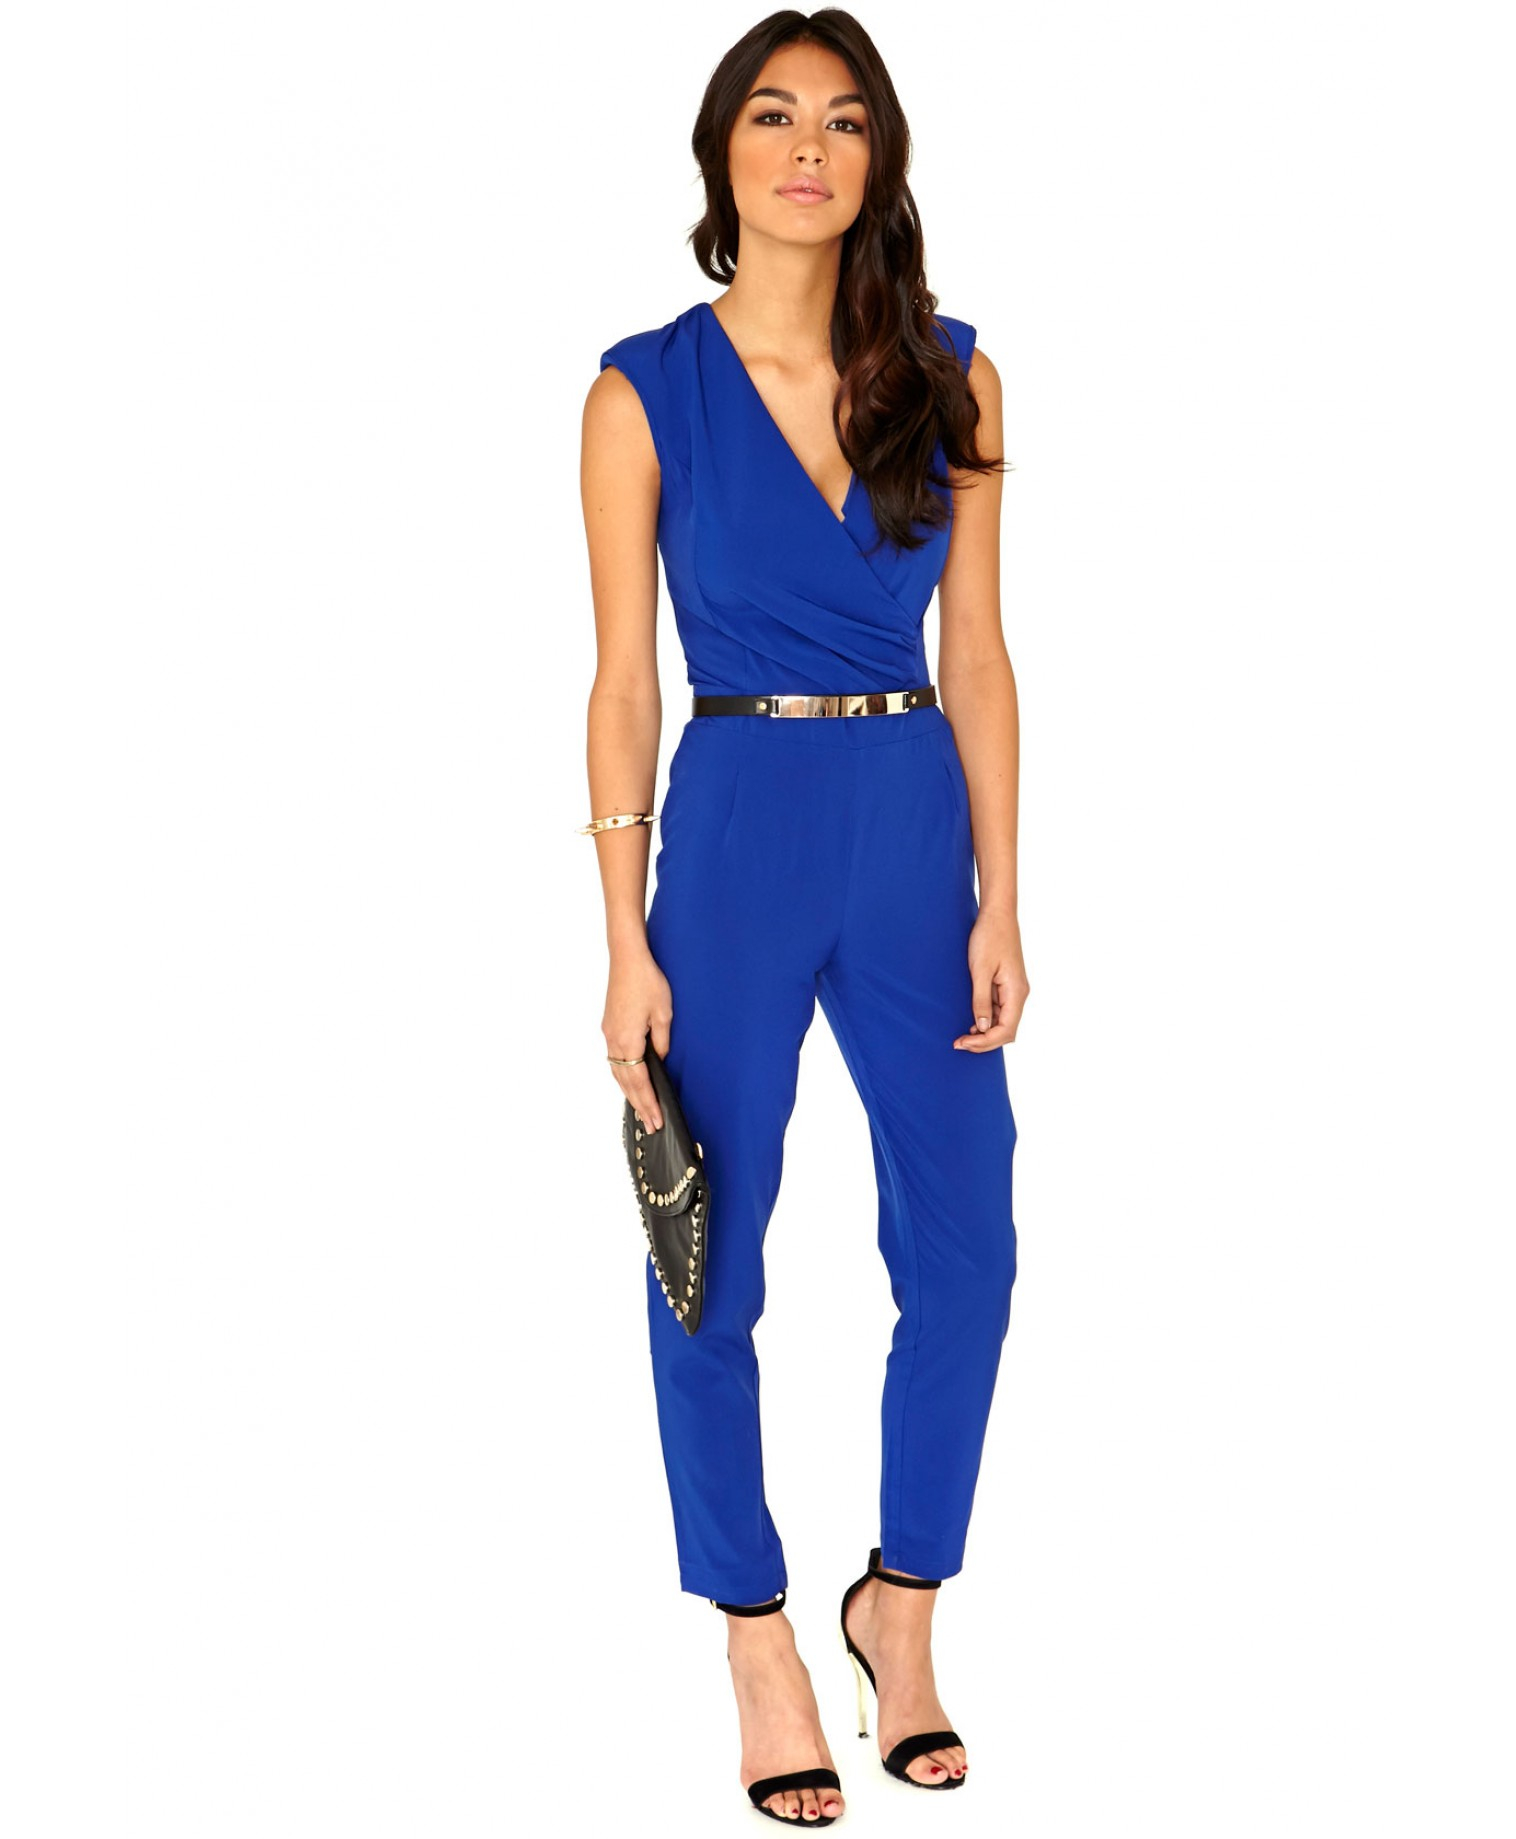 Cobalt Blue Jumpsuit Photo Album - Reikian